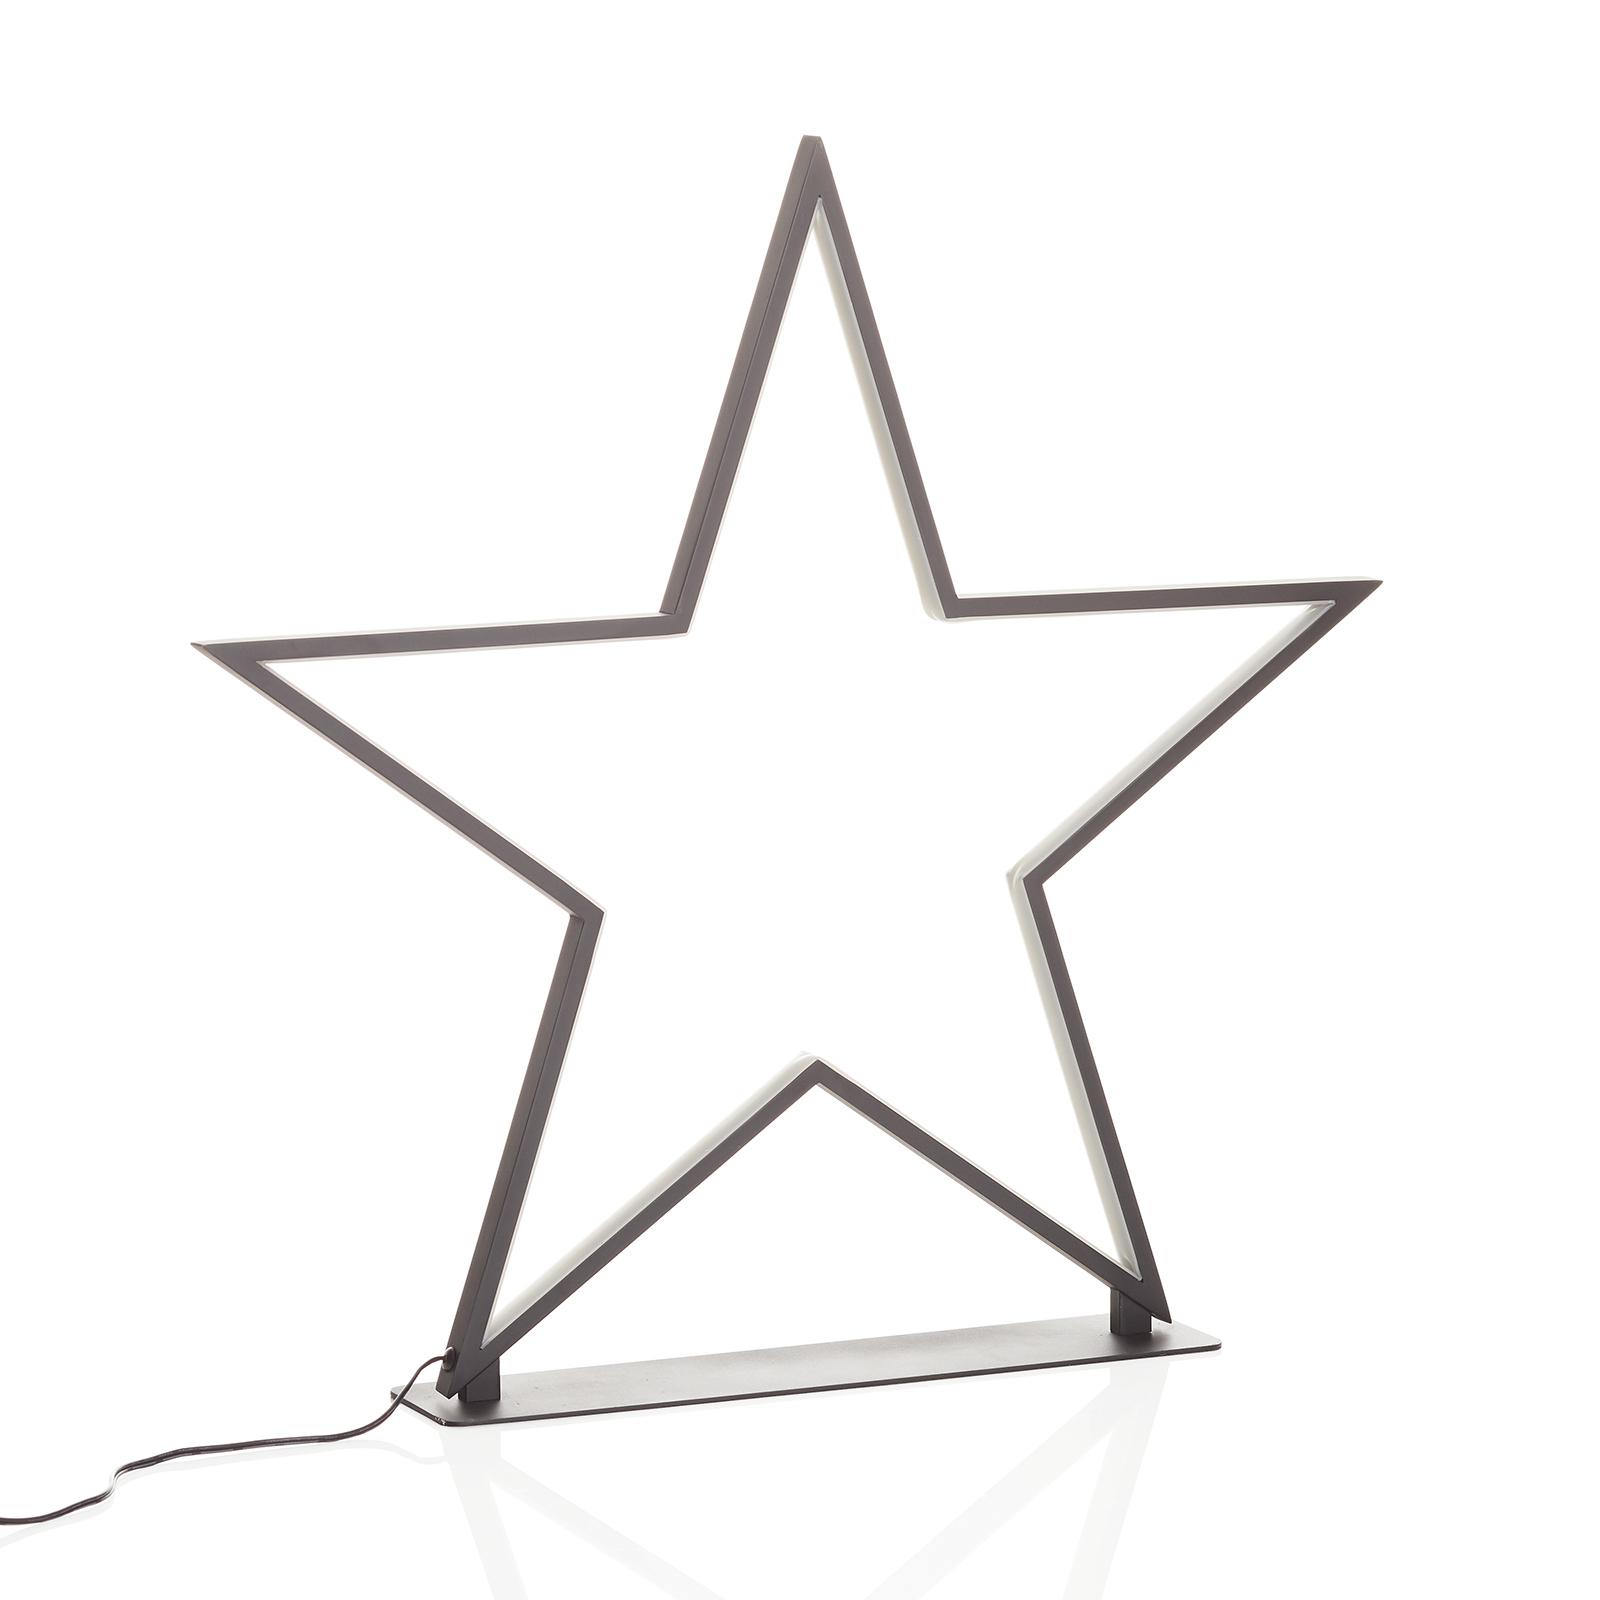 Schwarzer Aluminium-Stern Lucy Höhe 50 cm